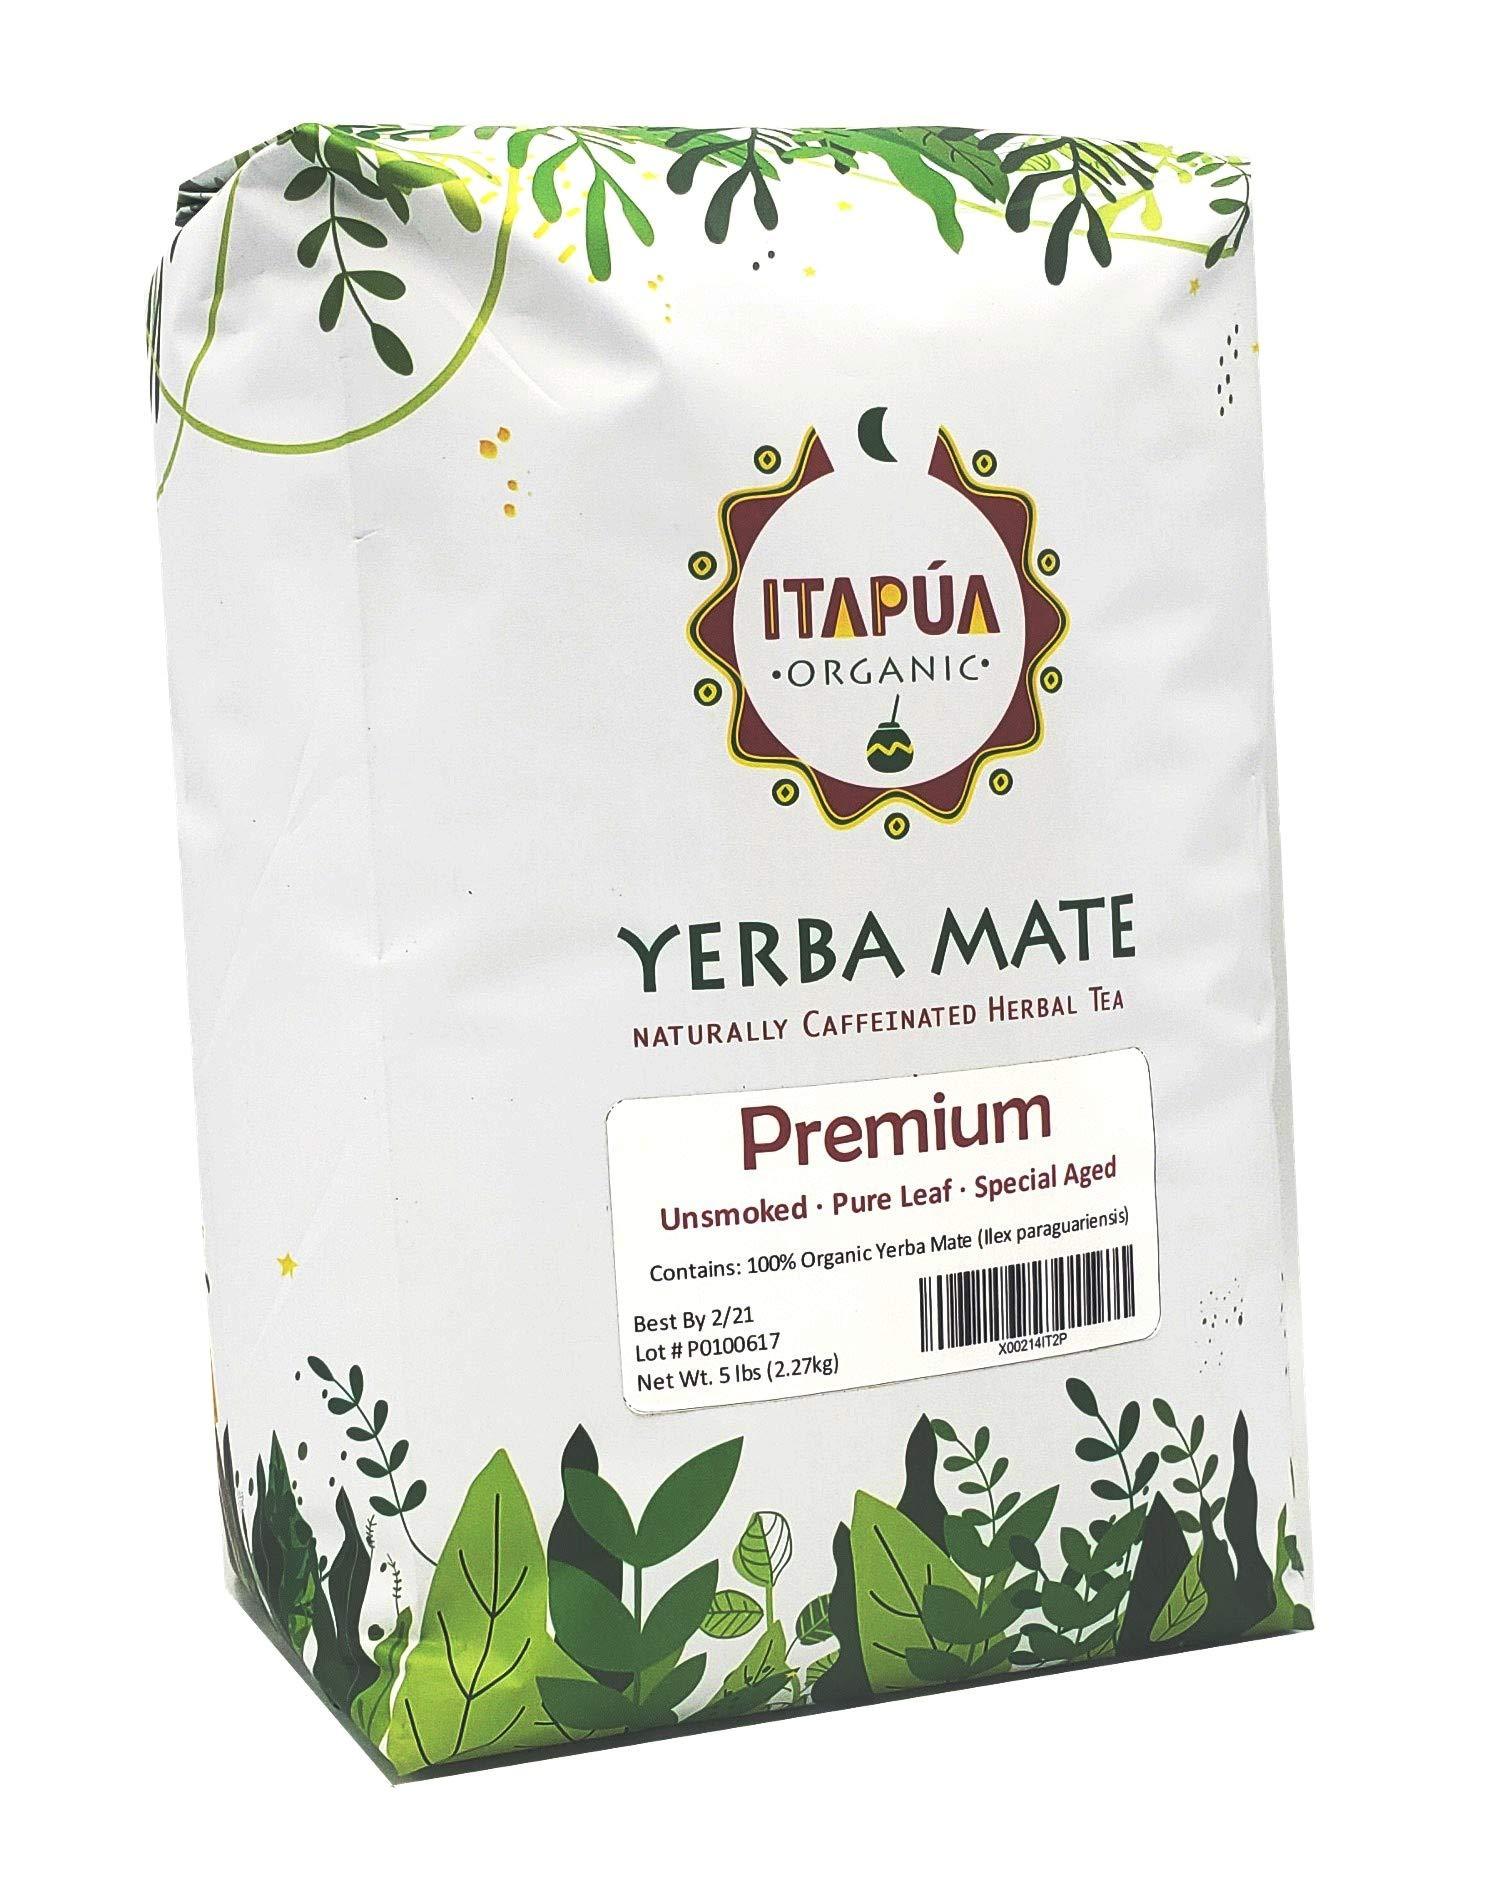 Itapua Premium 100% Organic Yerba Mate 5 lbs (2.27 kg) by Itapua